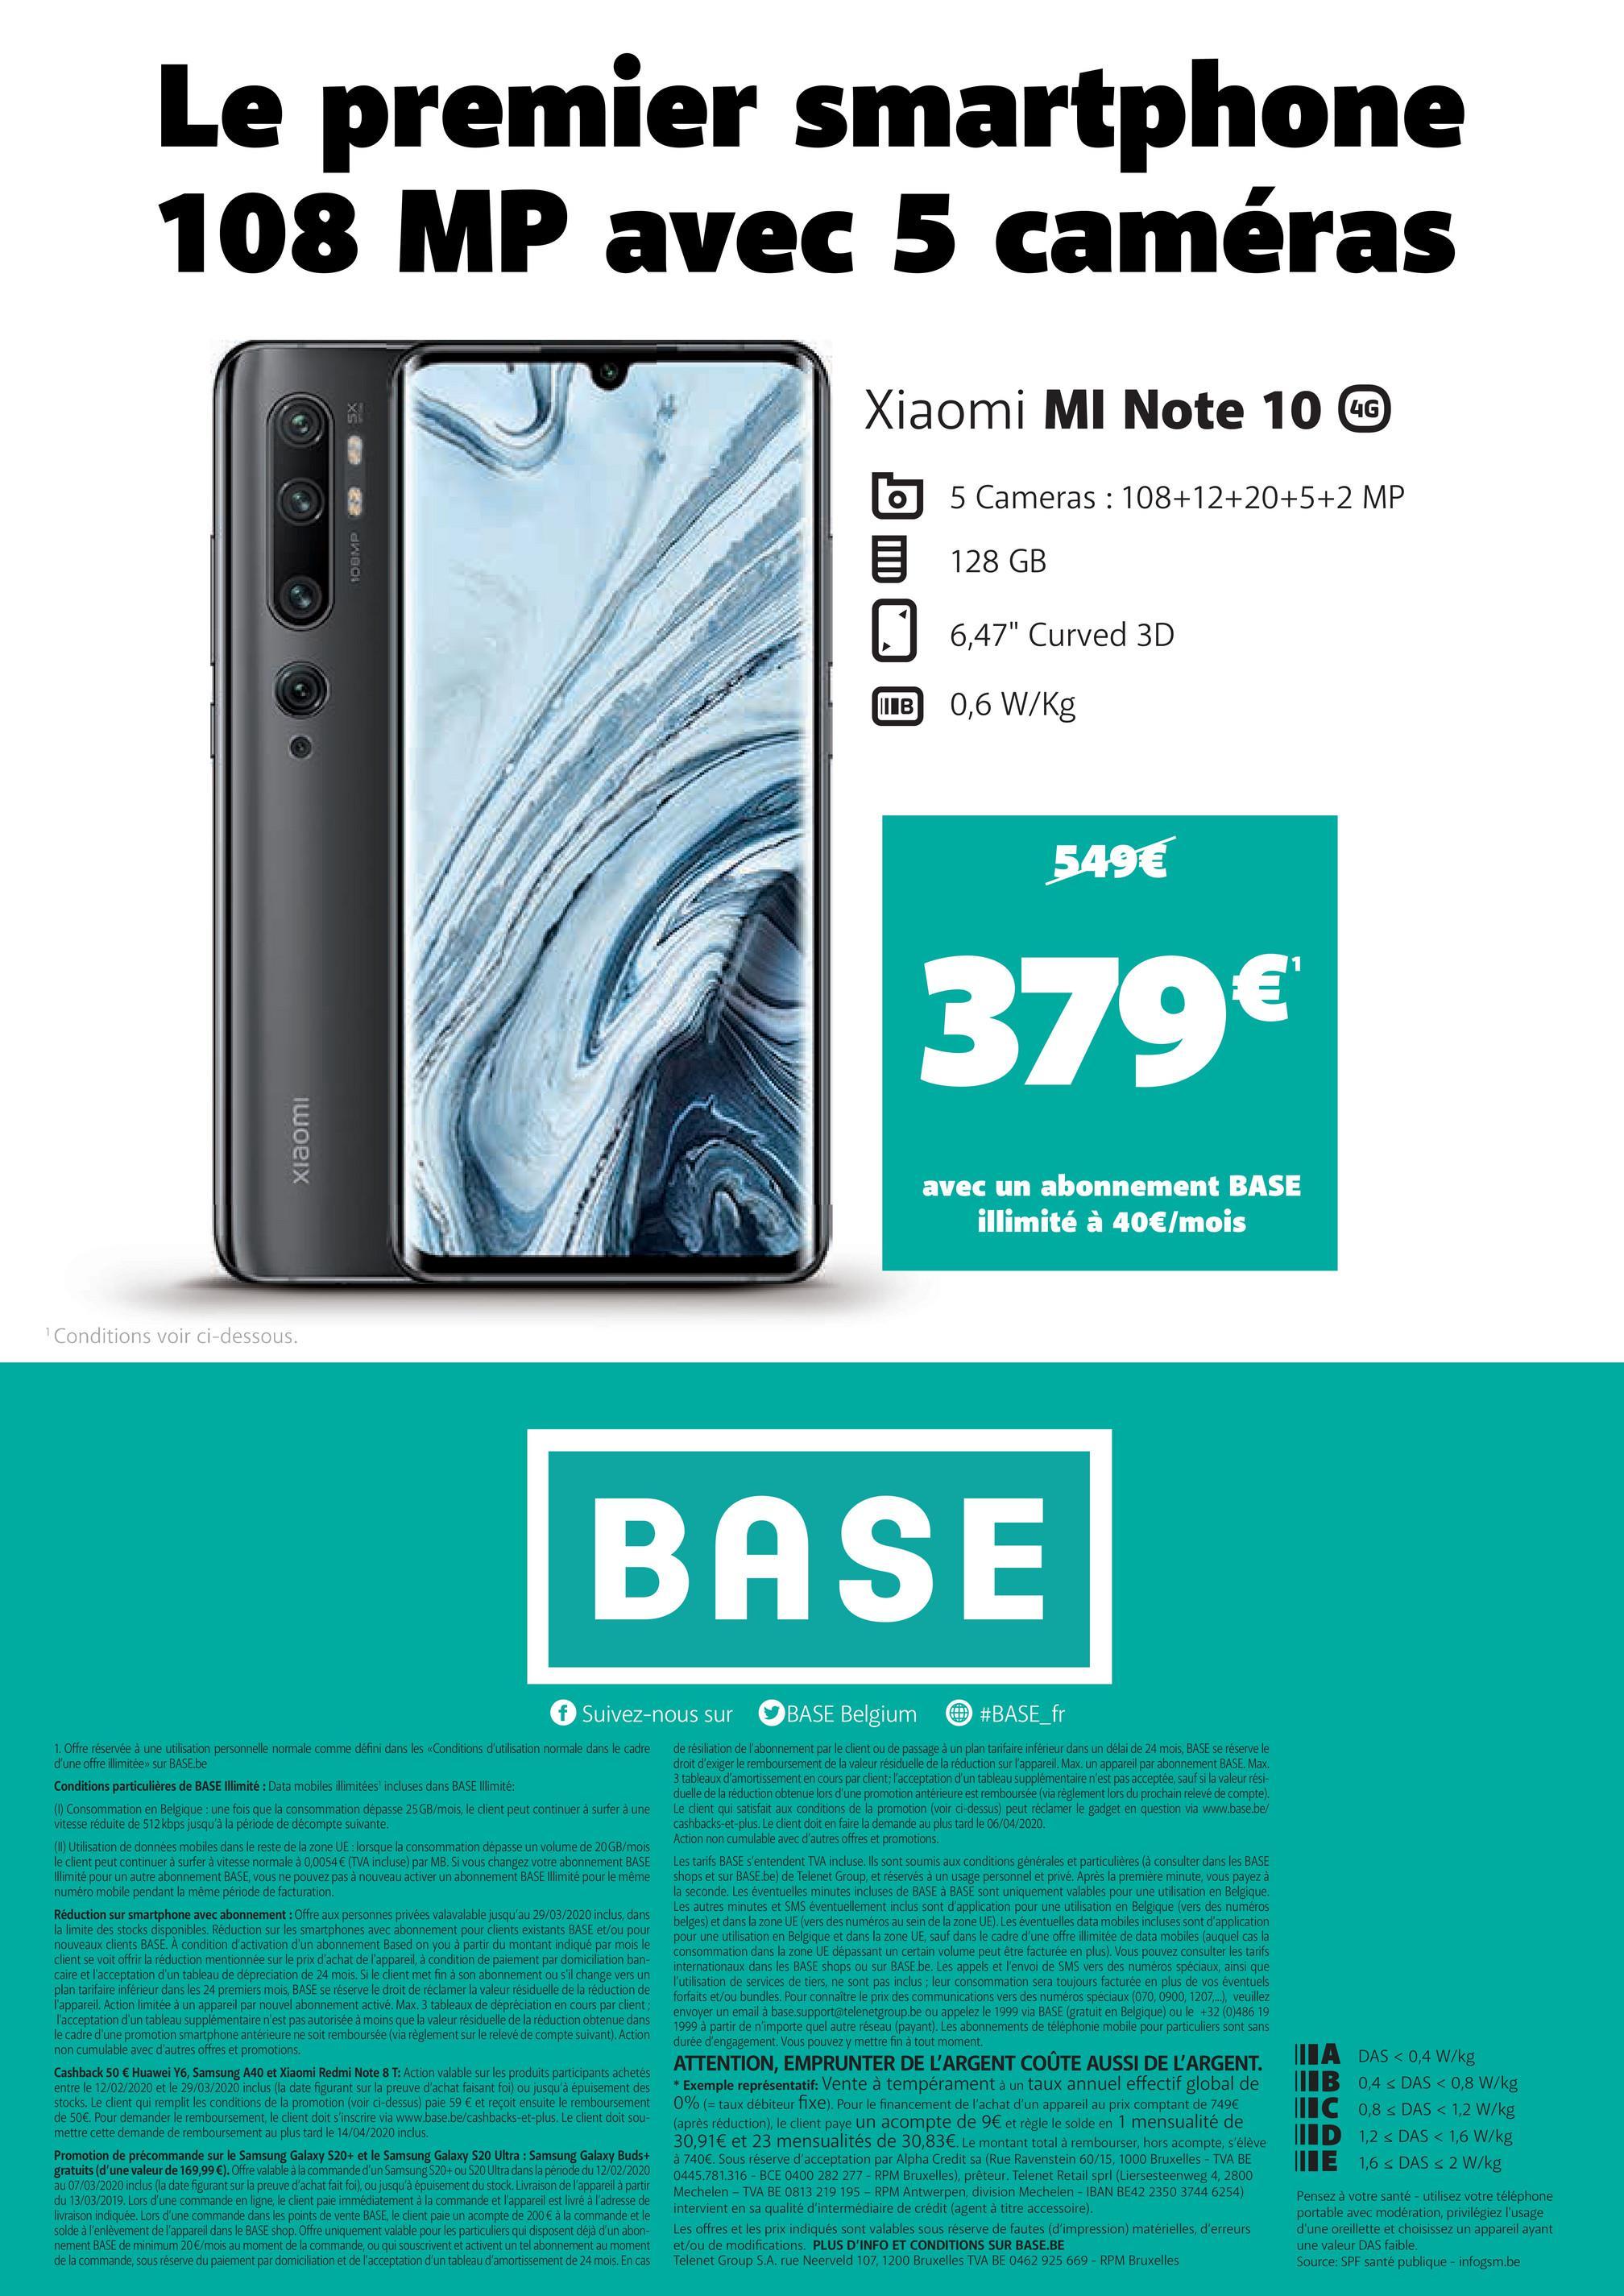 """Le premier smartphone 108 MP avec 5 caméras SX MOBMP 32 Xiaomi Mi Note 10 CC 6 5 Cameras : 108+12+20+5+2 MP 128 GB 6,47"""" Curved 3D 0,6 W/Kg 549€ 379€ xiaomi avec un abonnement BASE illimité à 40€/mois Conditions voir ci-dessous. BASE f Suivez-nous sur BASE Belgium #BASE_fr 1. Offre réservée à une utilisation personnelle normale comme défini dans les Conditions d'utilisation normale dans le cadre d'une offre illimitée sur BASE.be Conditions particulières de BASE Illimité : Data mobiles illimitées incluses dans BASE Illimité: (0) Consommation en Belgique : une fois que la consommation dépasse 25 GB/mois, le client peut continuer à surfer à une vitesse réduite de 512 kbps jusqu'à la période de décompte suivante. (II) Utilisation de données mobiles dans le reste de la zone UE : lorsque la consommation dépasse un volume de 20 GB/mois le client peut continuer à surfer à vitesse normale à 0,0054 € (TVA incluse) par MB. Si vous changez votre abonnement BASE Illimité pour un autre abonnement BASE, vous ne pouvez pas à nouveau activer un abonnement BASE Illimité pour le même numéro mobile pendant la même période de facturation. Réduction sur smartphone avec abonnement: Offre aux personnes privées valavalable jusqu'au 29/03/2020 inclus dans la limite des stocks disponibles. Réduction sur les smartphones avec abonnement pour clients existants BASE et/ou pour nouveaux clients BASE. A condition d'activation d'un abonnement Based on you à partir du montant indiqué par mois le client se voit offrir la réduction mentionnée sur le prix d'achat de l'appareil, à condition de paiement par domiciliation ban- caire et l'acceptation d'un tableau de depreciation de 24 mois. Si le client met fin à son abonnement ou s'il change vers un plan tarifaire inférieur dans les 24 premiers mois, BASE se réserve le droit de réclamer la valeur résiduelle de la réduction de l'appareil. Action limitée à un appareil par nouvel abonnement activé. Max. 3 tableaux de dépréciation en cours par client; l'accept"""